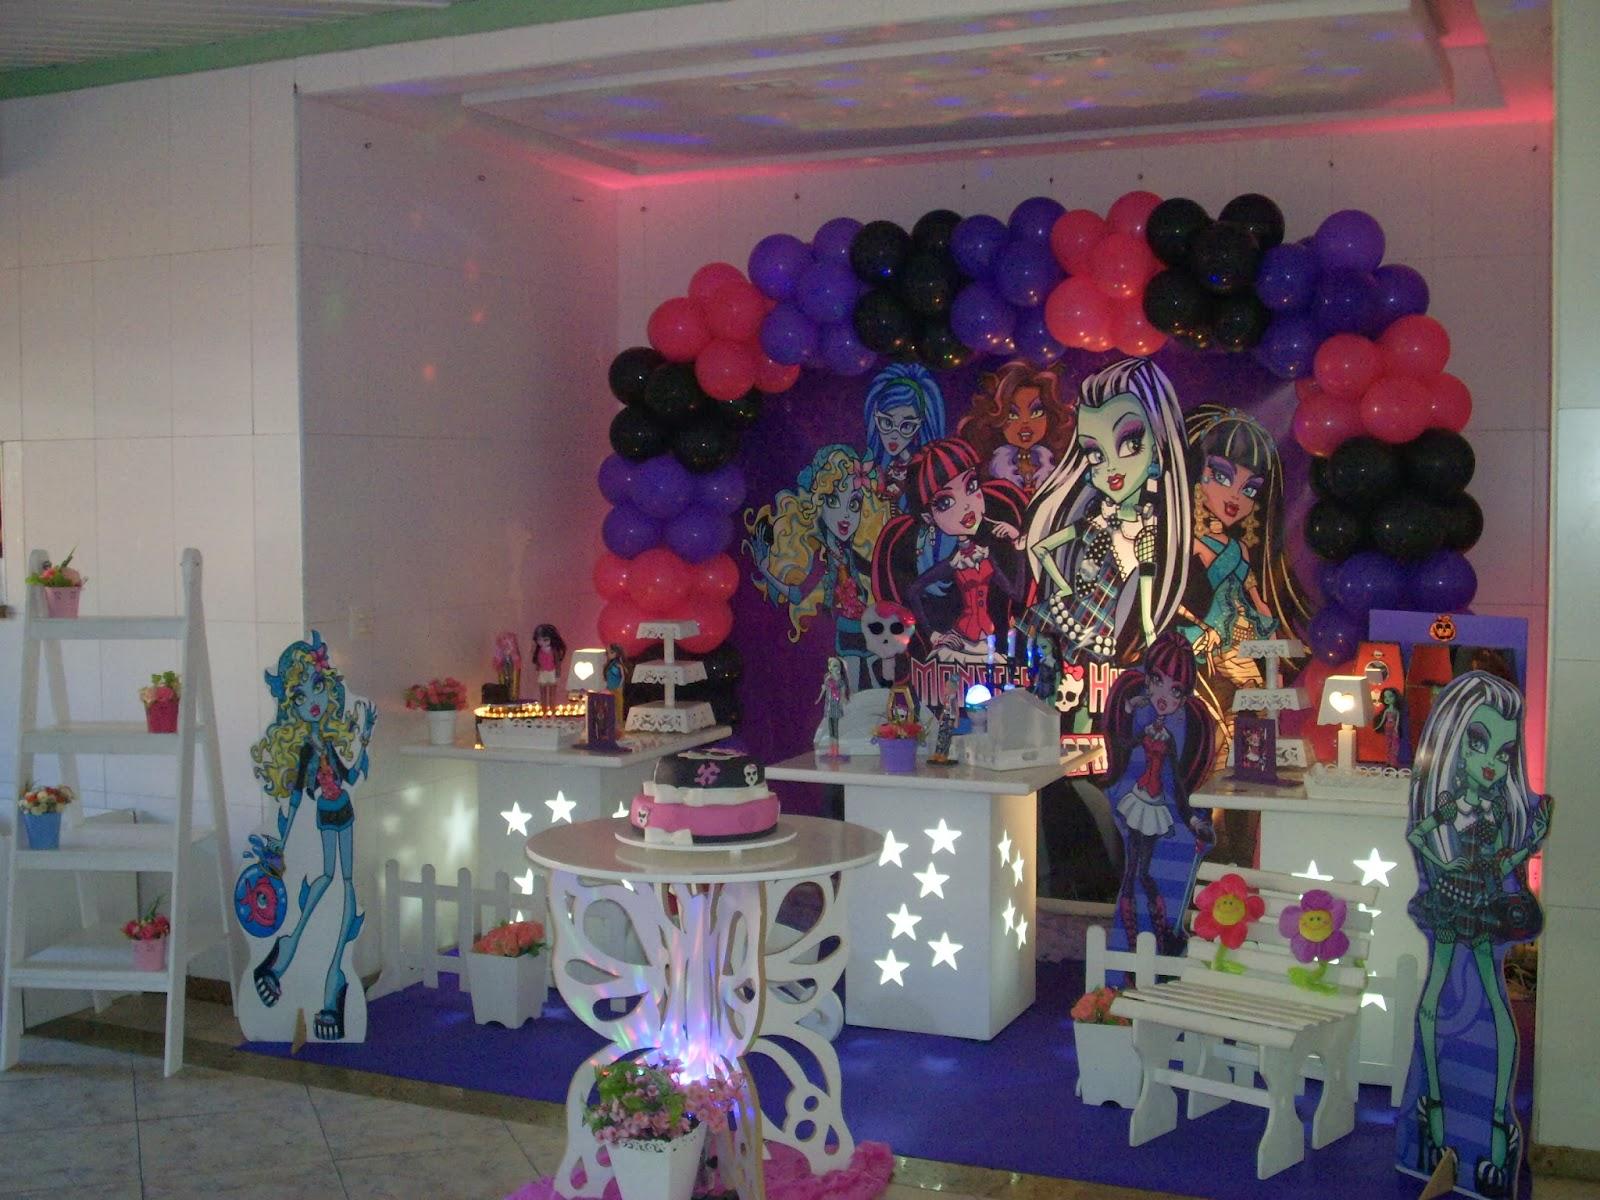 Monster High - Decoração com mesa provençal para festa de aniversário infantil